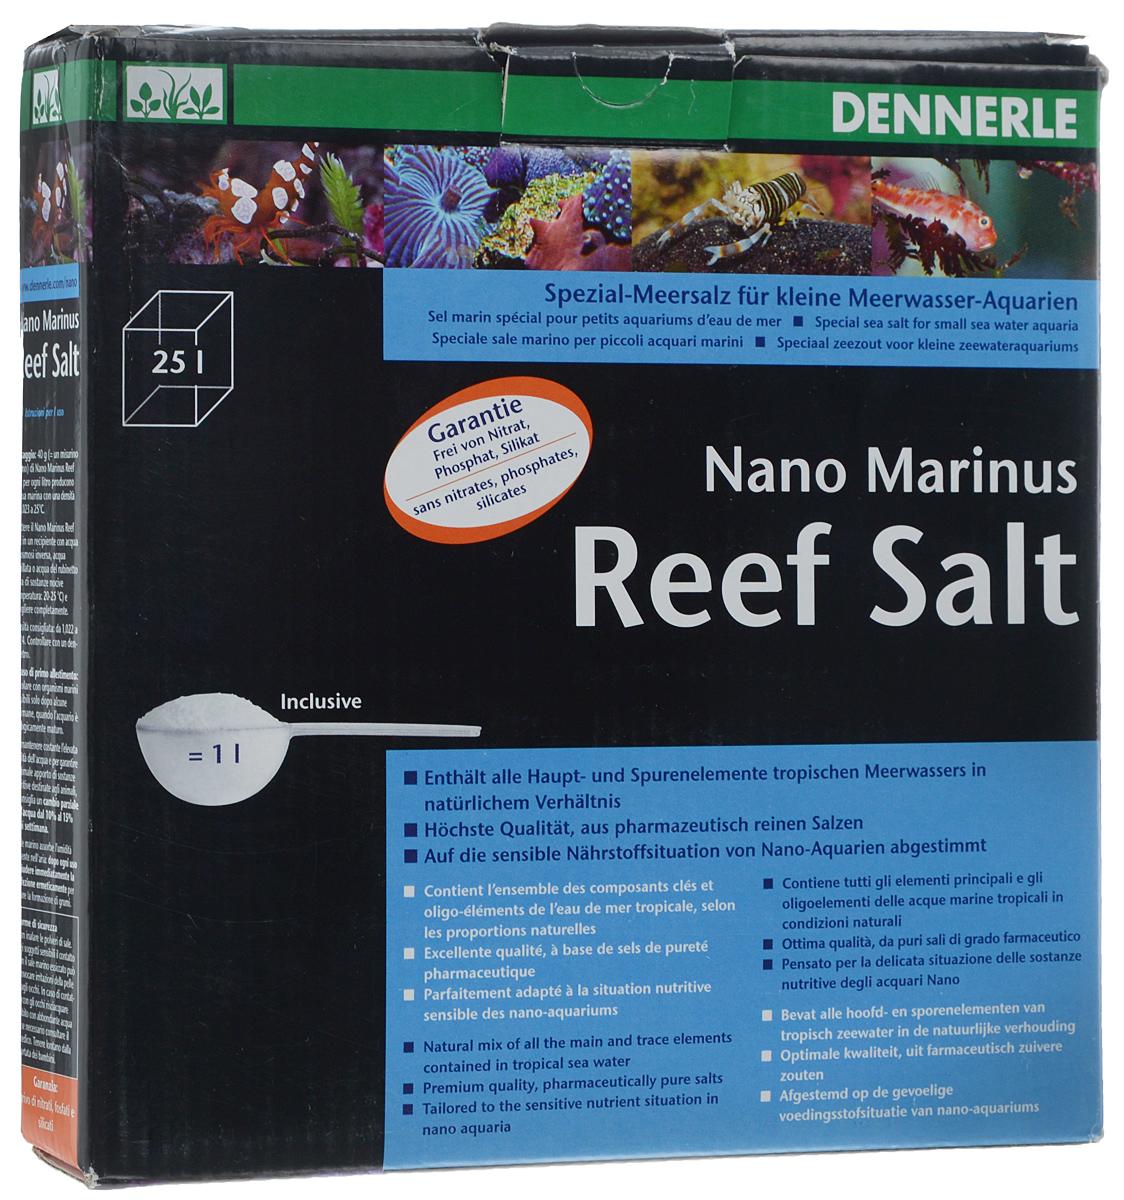 Морская соль Dennerle Nano Marinus ReefSalt, 1 кгDEN5625Морская соль Dennerle Nano Marinus ReefSalt содержит все основные микроэлементы тропической морской воды в естественном соотношении. Dennerle Nano Marinus ReefSalt - идеальная основа жизни для коралловых раб, твердых и мягких кораллов, креветок, а также всех прочих обитателей коралловых рифов. Соль составлена с учетом повышенной чувствительности нано-аквариумов к питательным веществам. Не содержит нитратов, фосфатов, силикатов. В комплекте идет мерная ложечка.